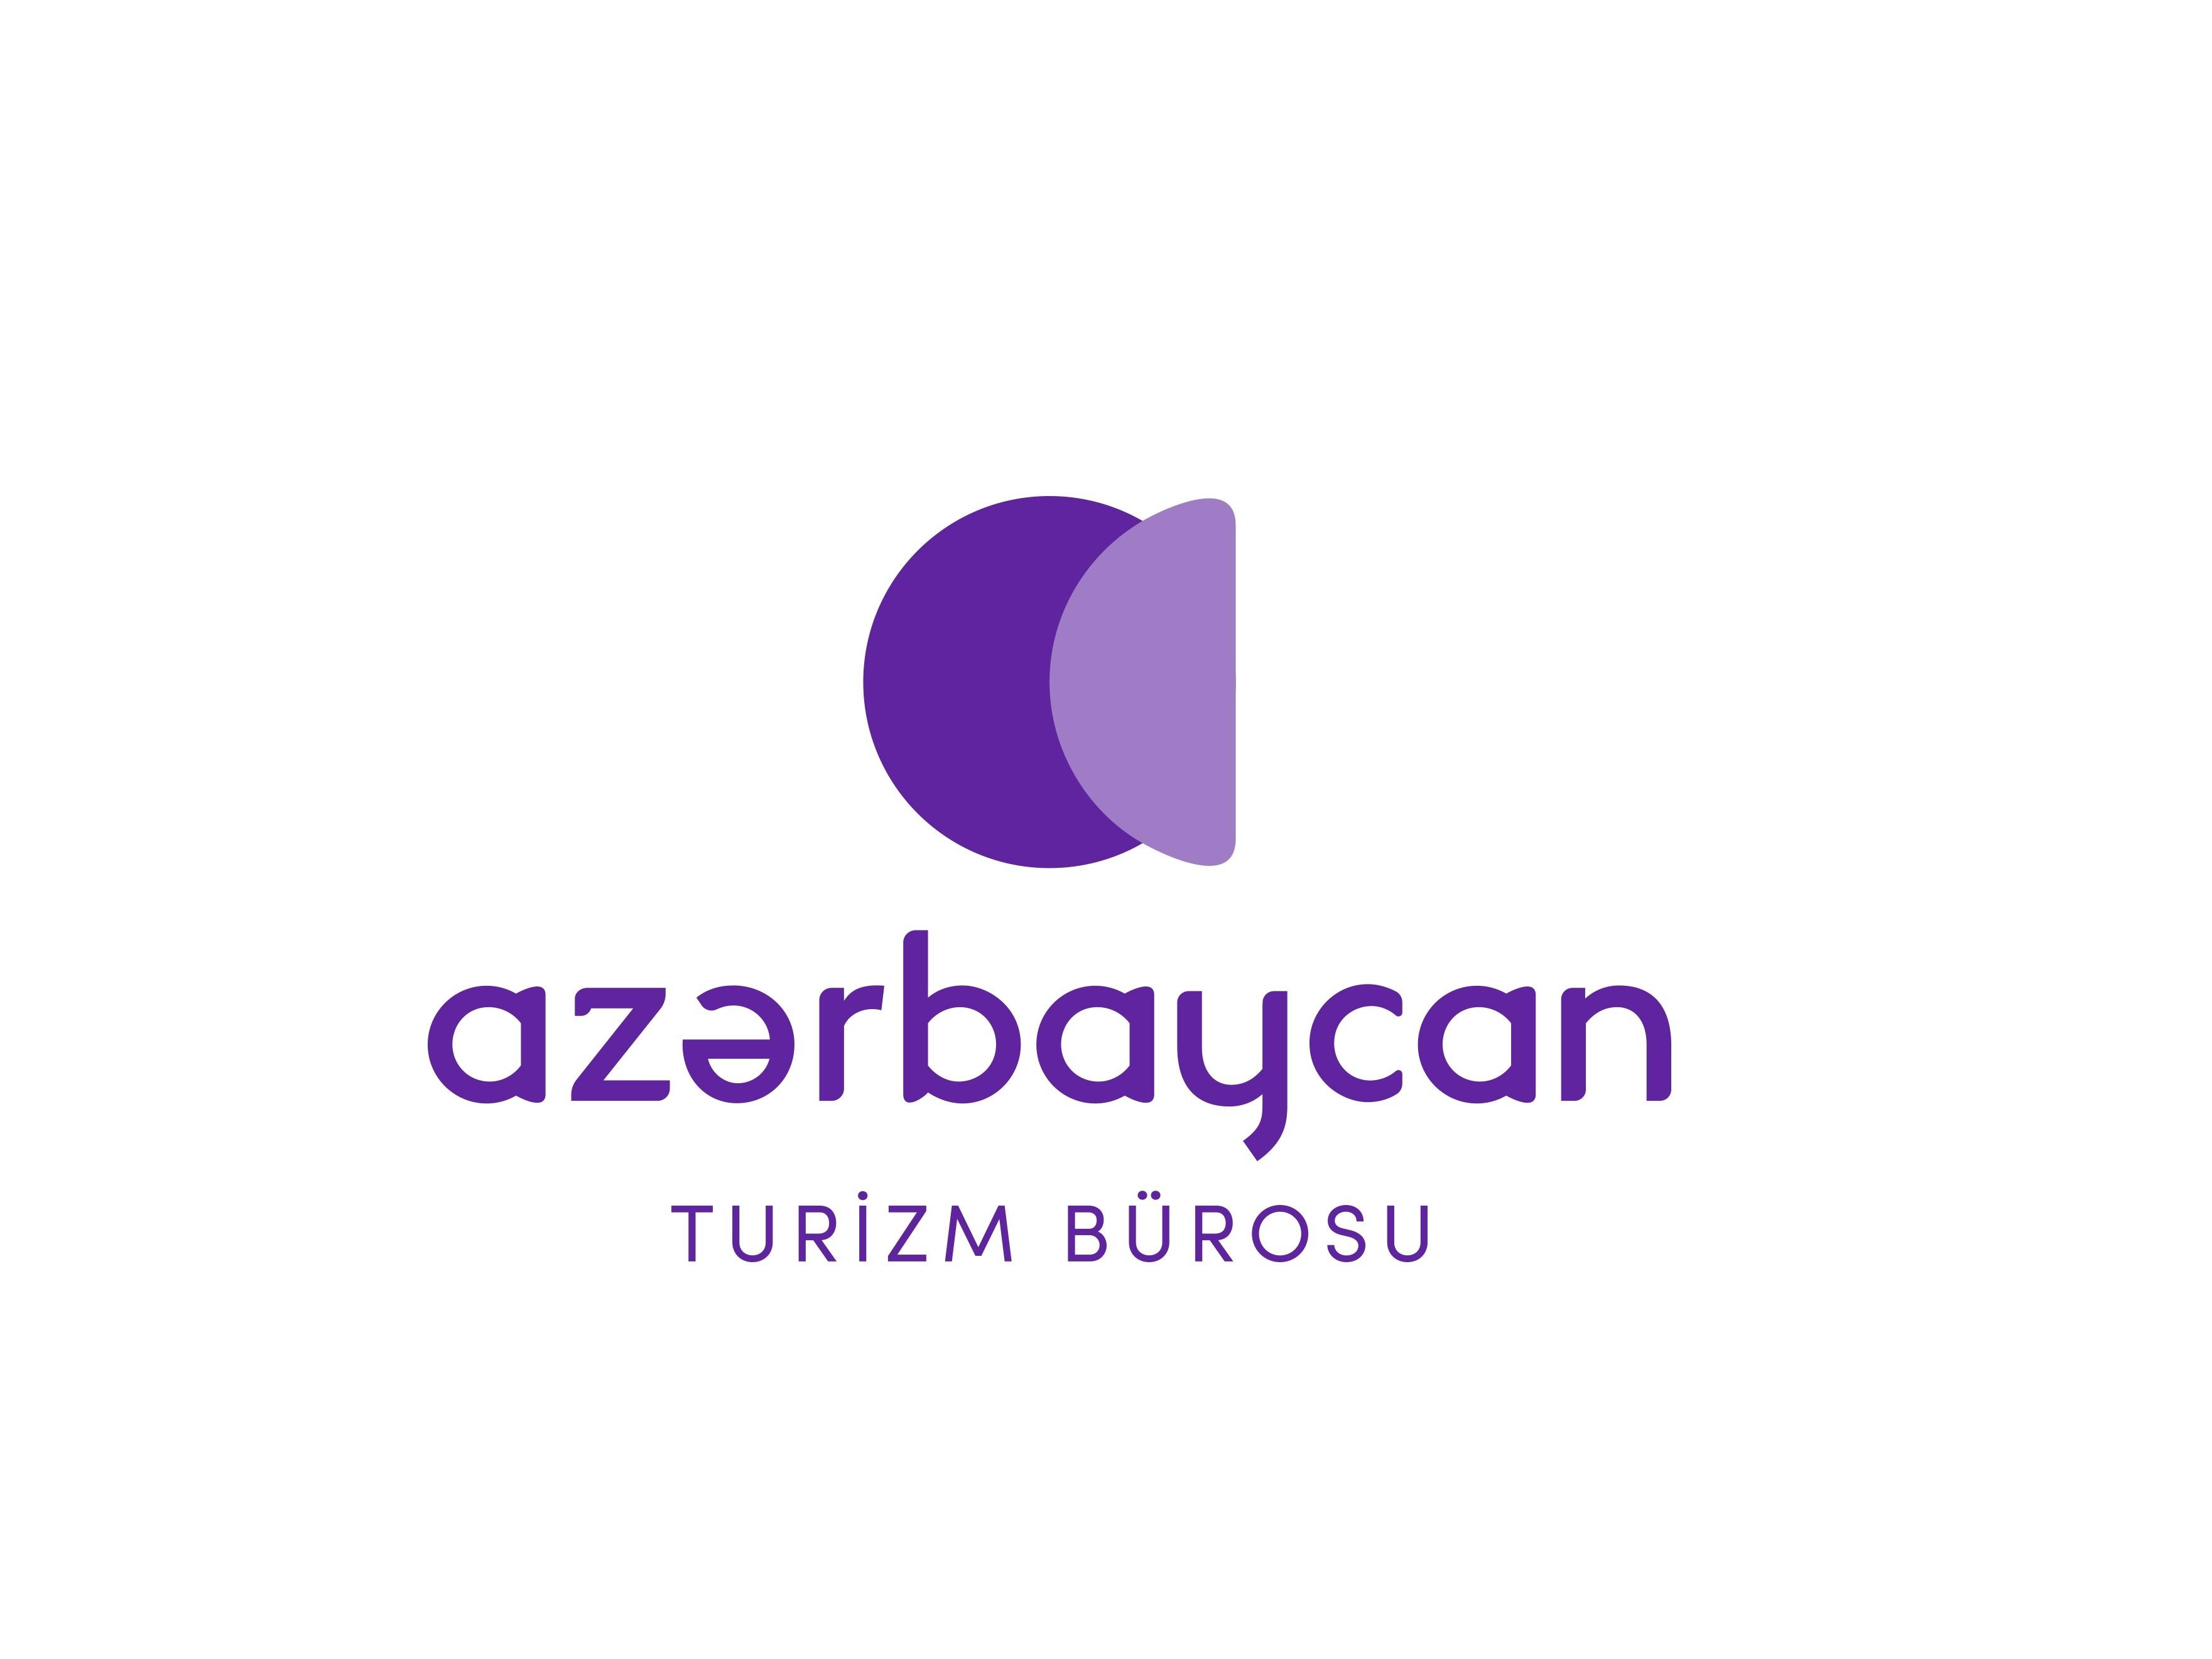 Azərbaycan Turizm Bürosu